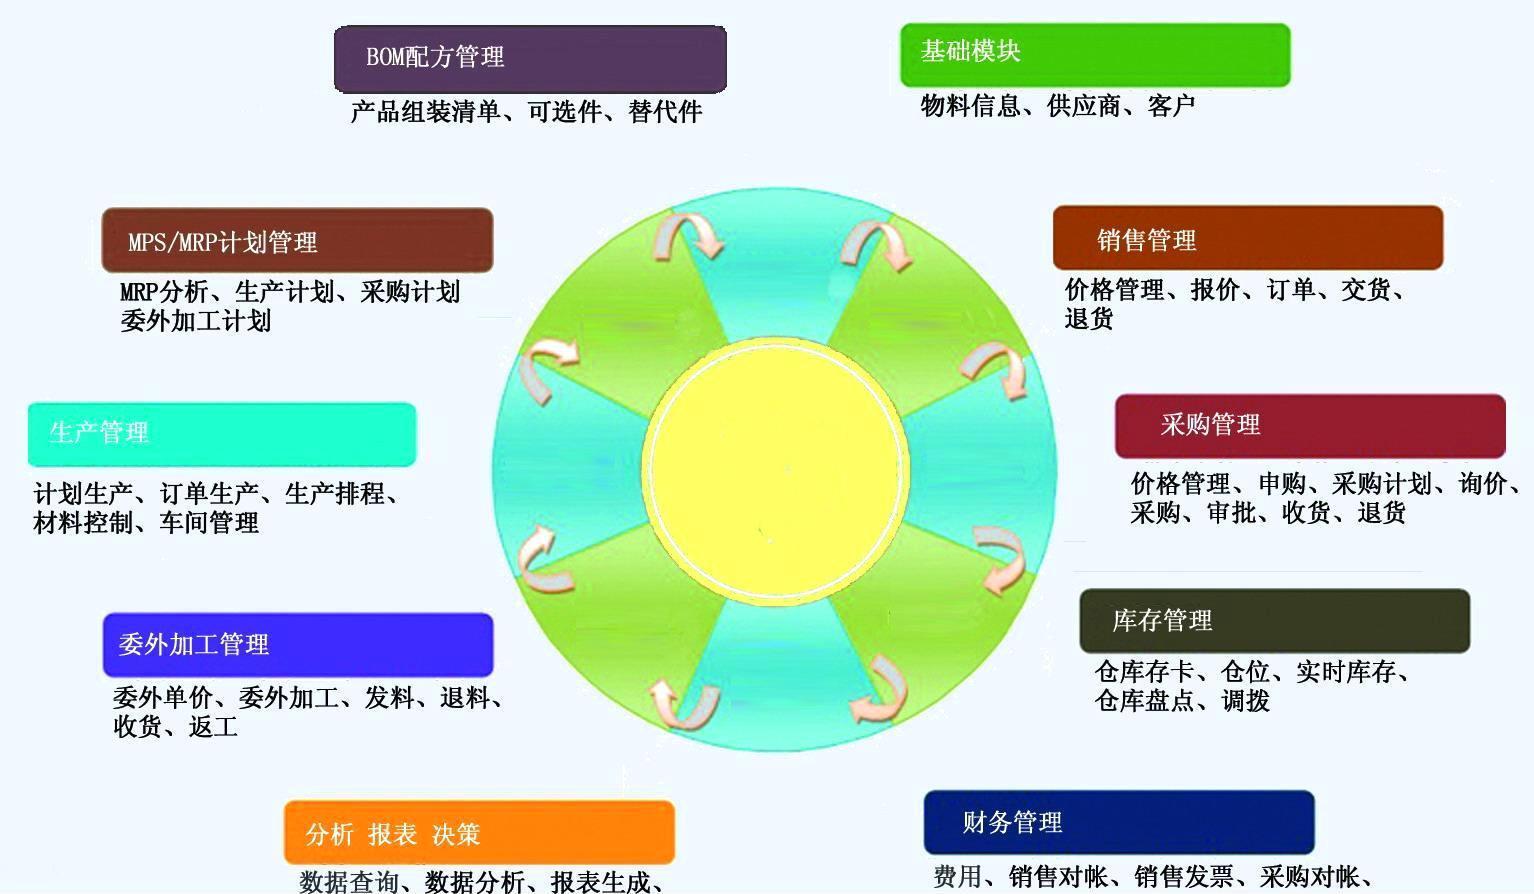 广州erp系统提升企业水平